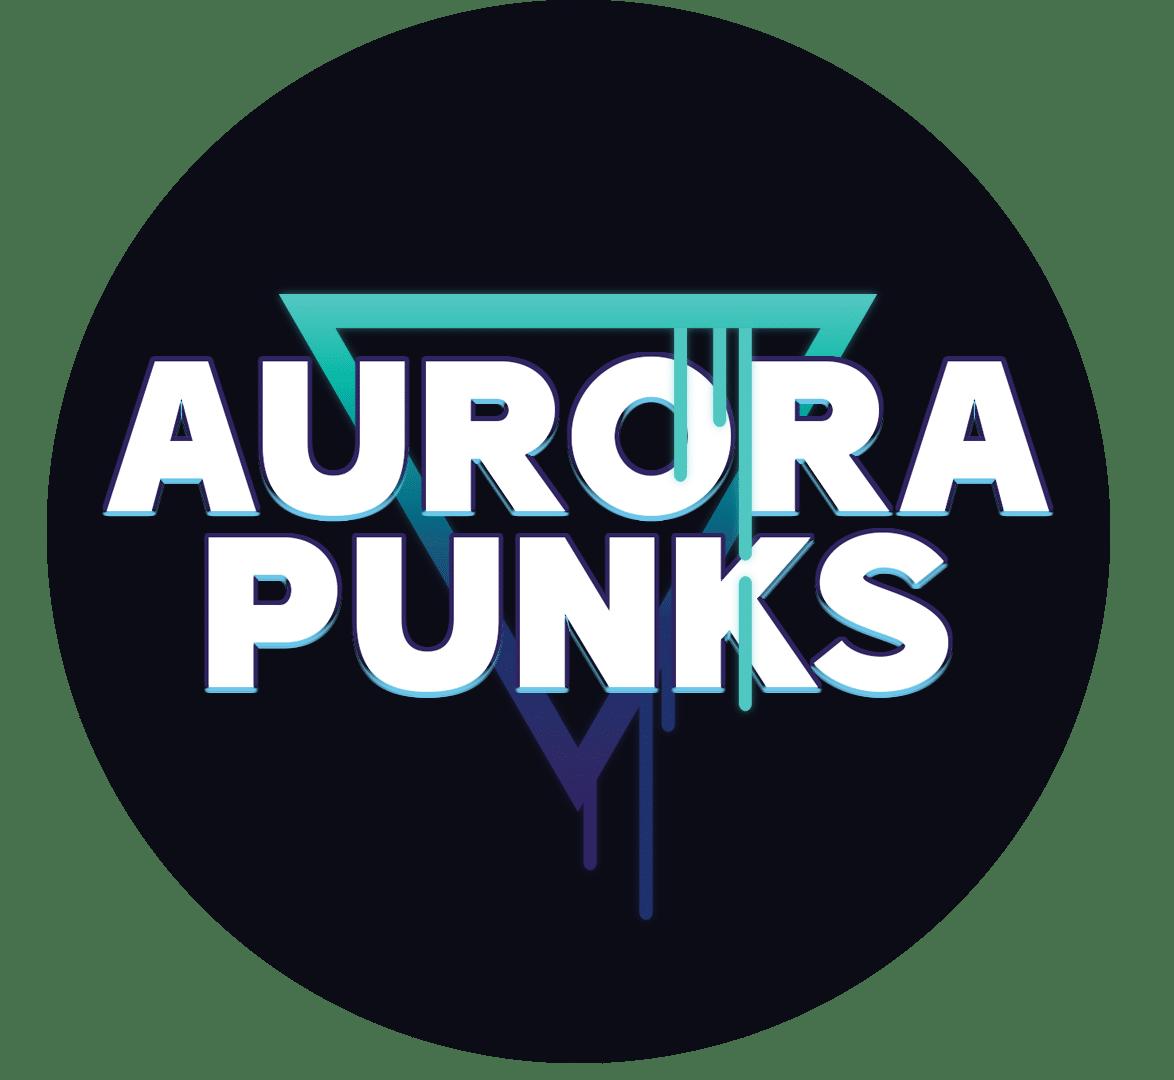 aurorapunks_logo_round